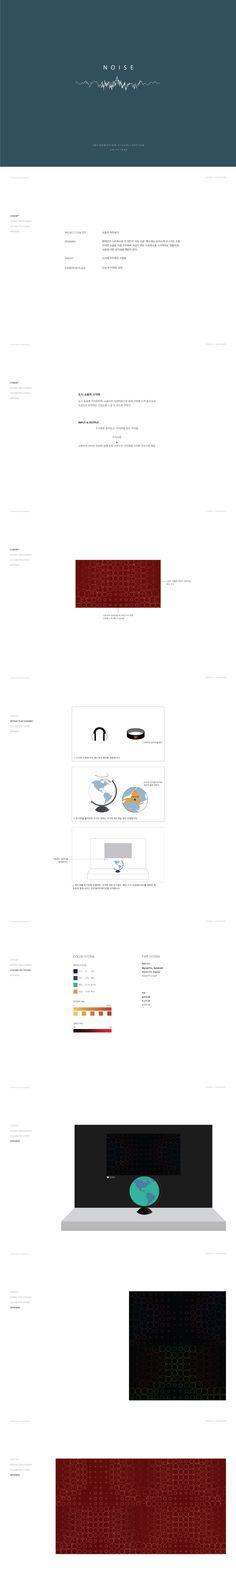 이소연 │ Information Visualization 2014│ Dept. of Digital Media Design │#hicoda │ hicoda.hongik.ac.kr